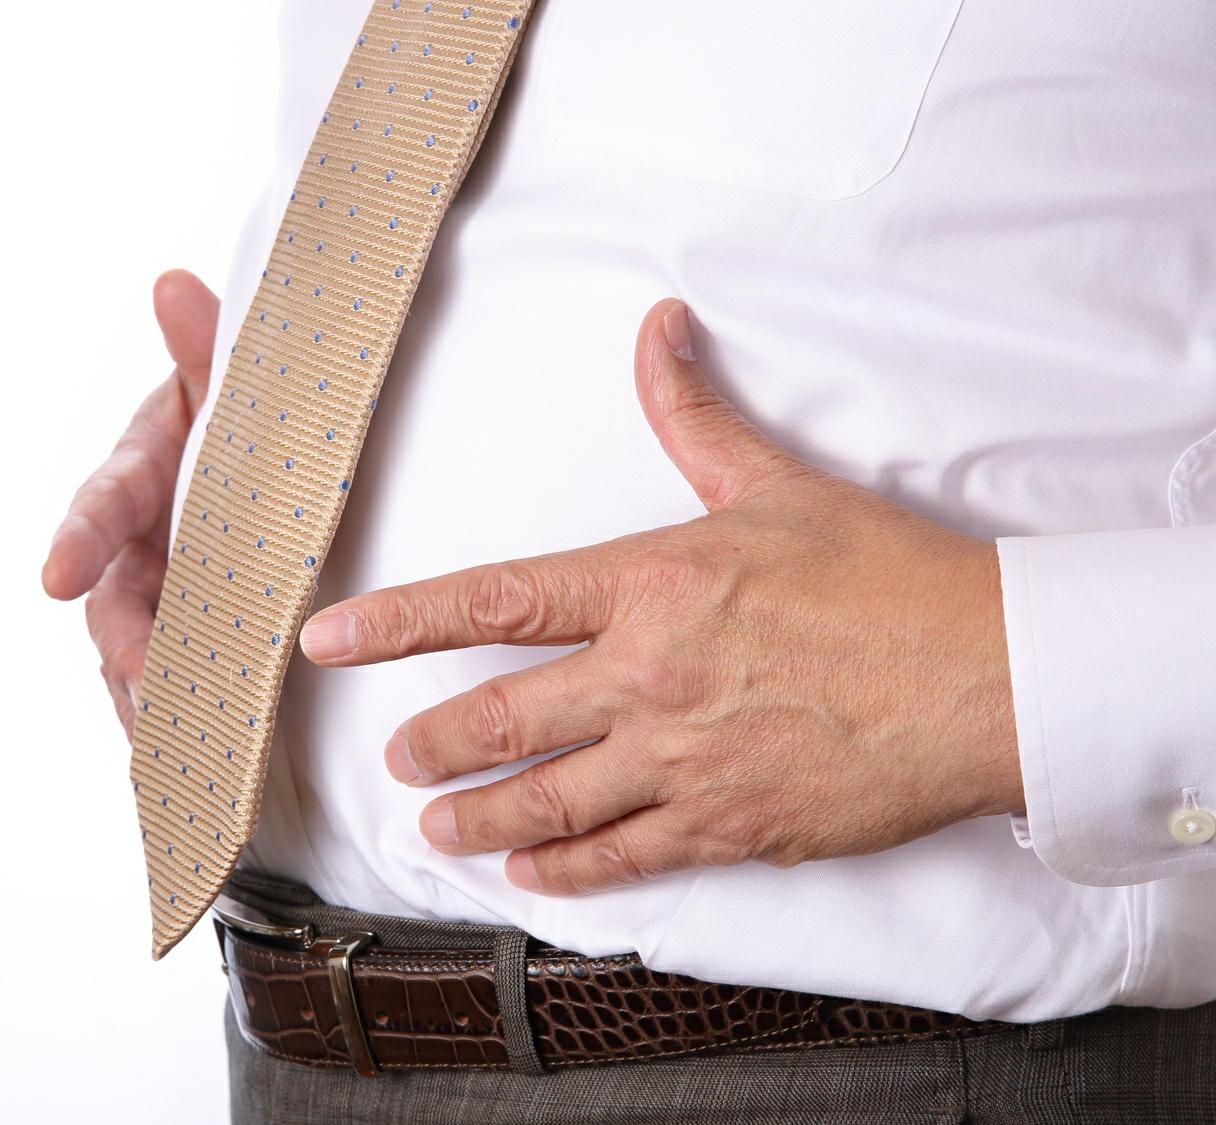 「肥満症」を治療して、高血圧や糖尿病など健康障害を一気に改善